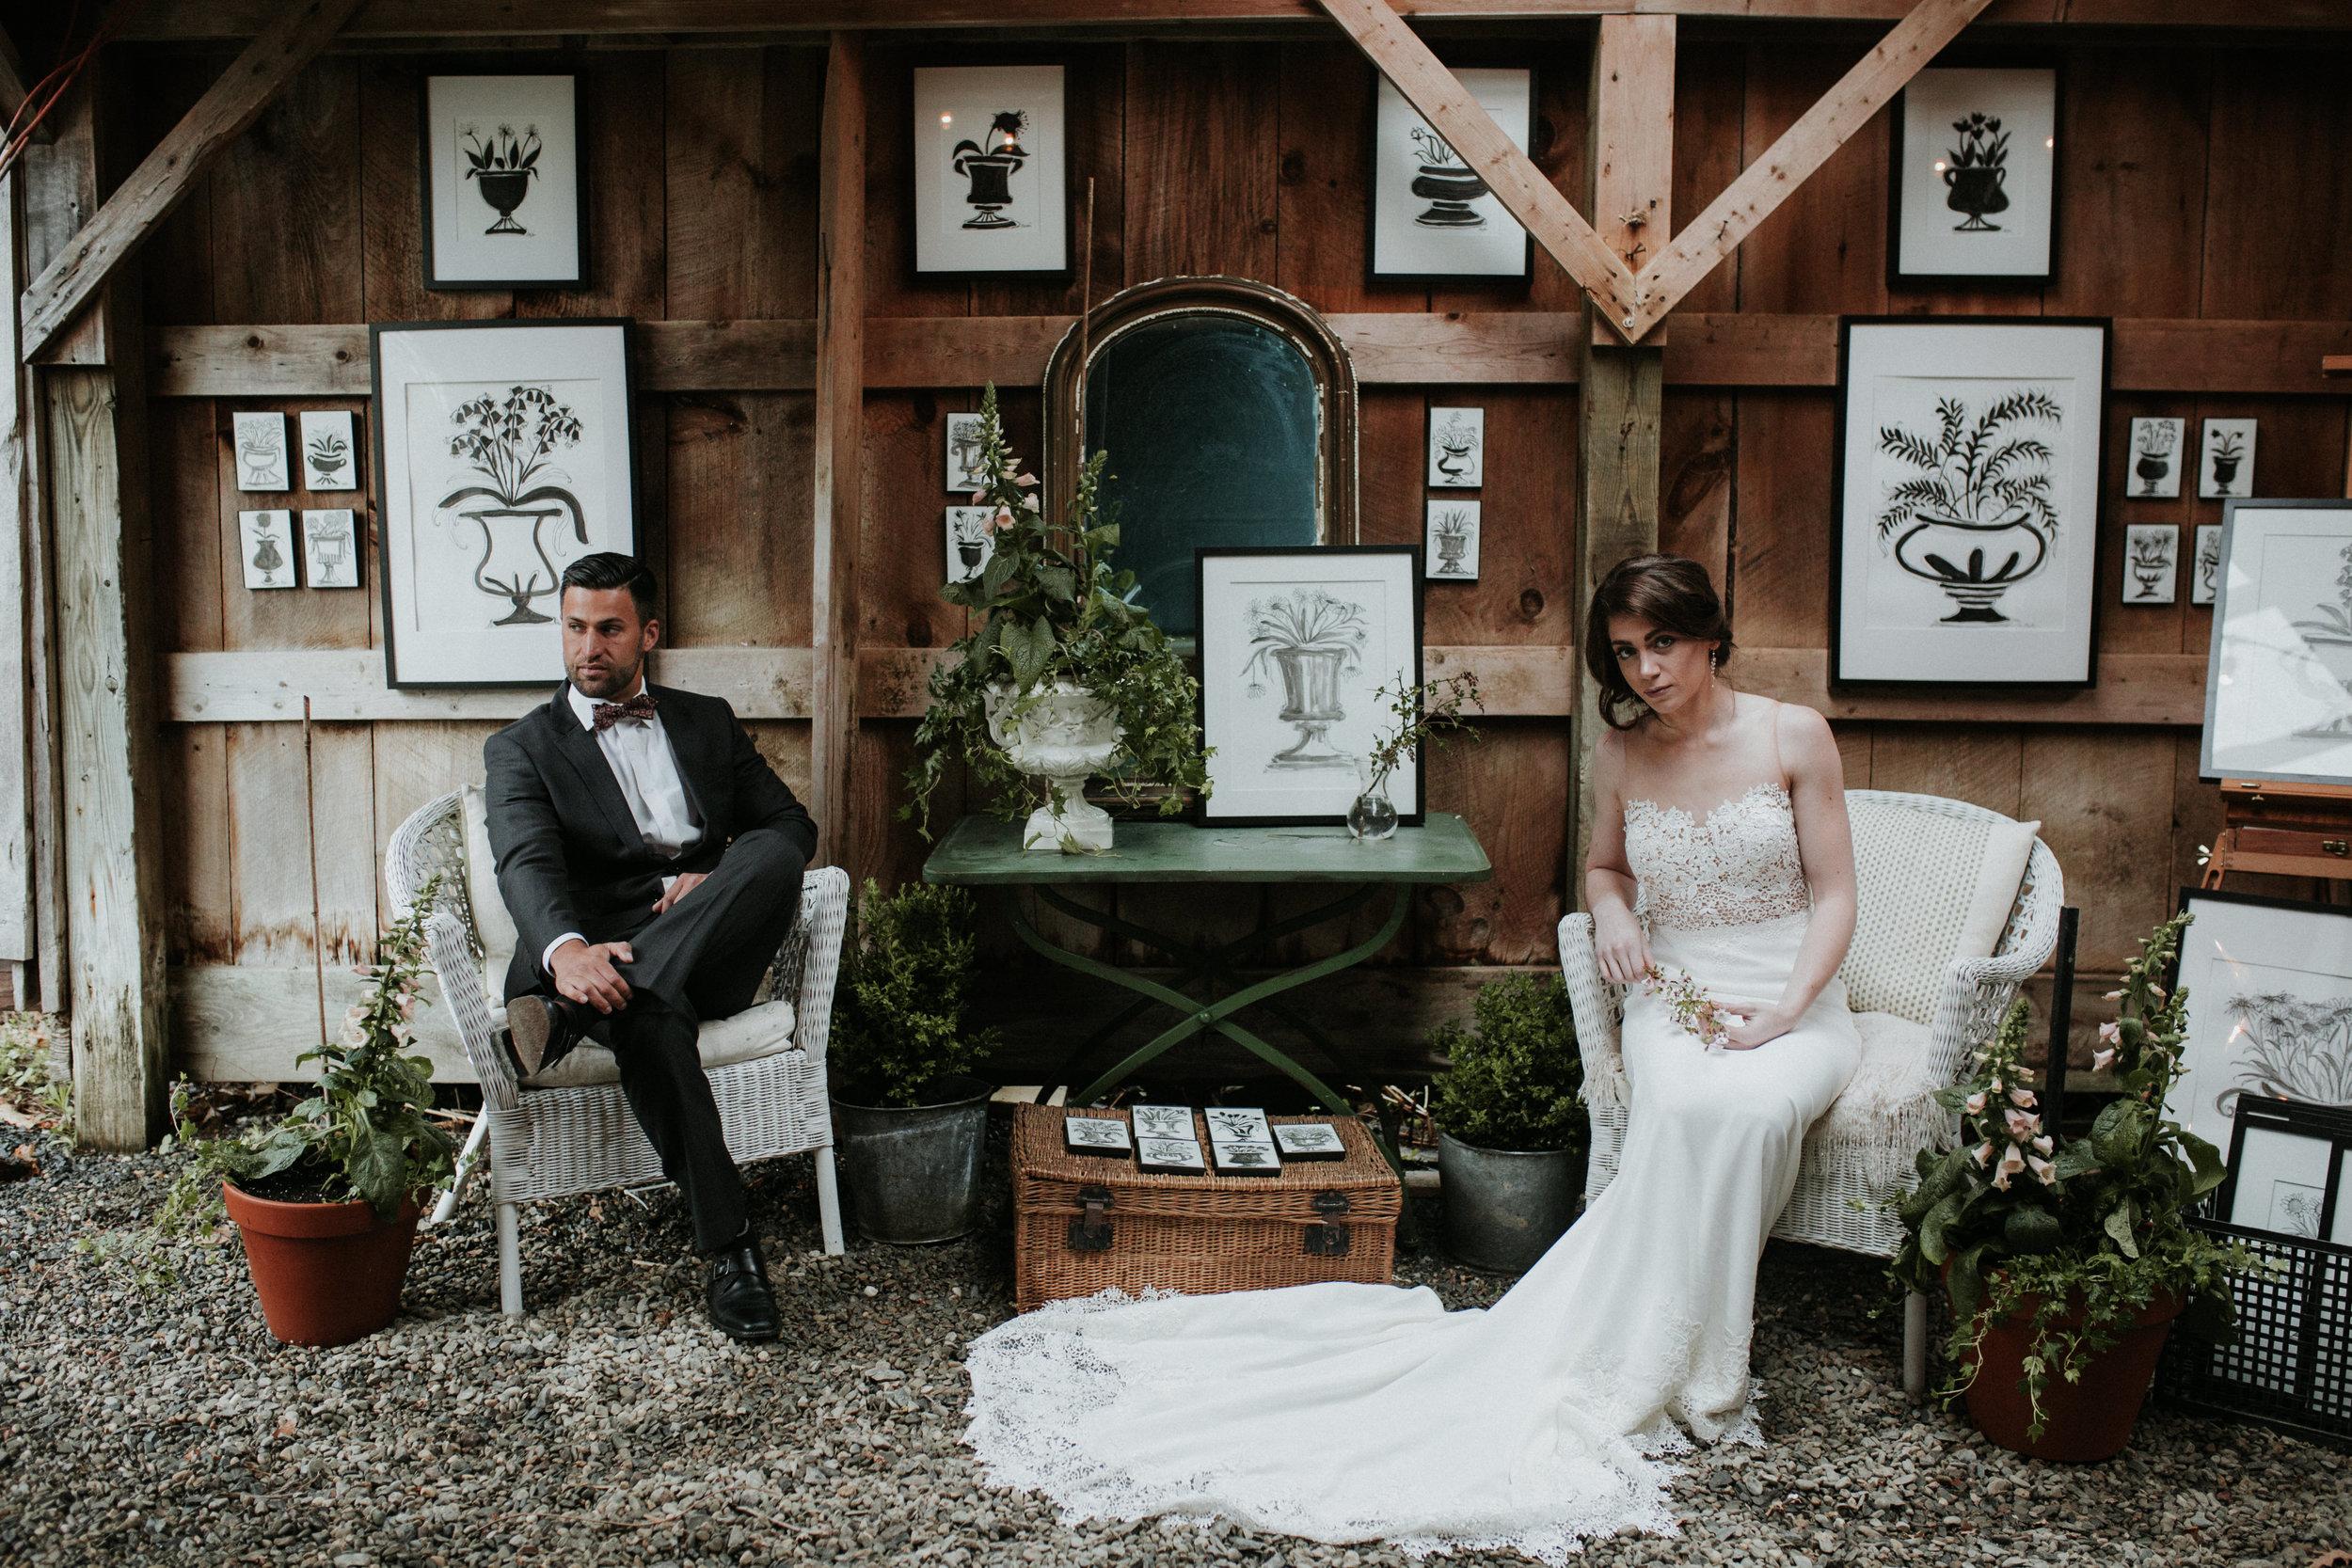 mnd_farm_westerlo_wedding0029.JPG